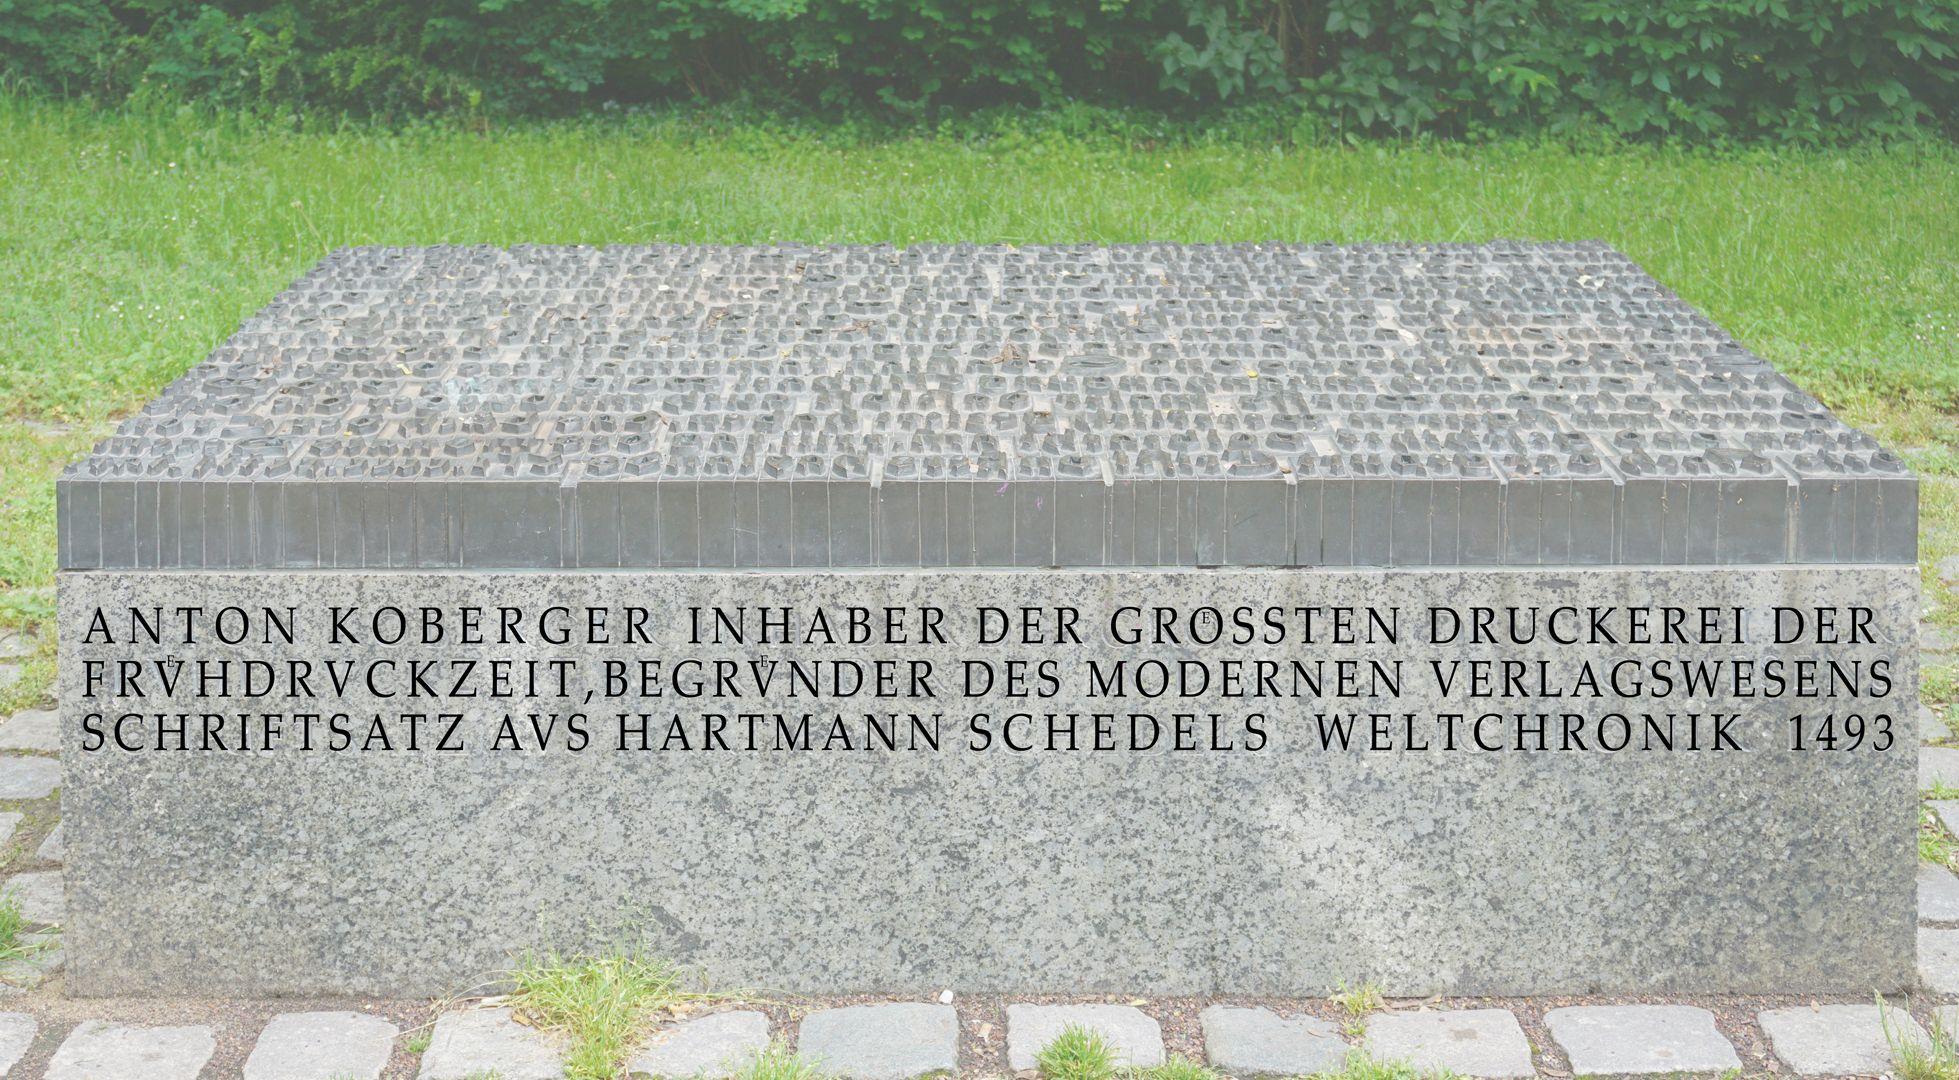 Anton Koberger / Gedenkstein Frontseite mit Inschrifttext (nachträgliche Fotobearbeitung)